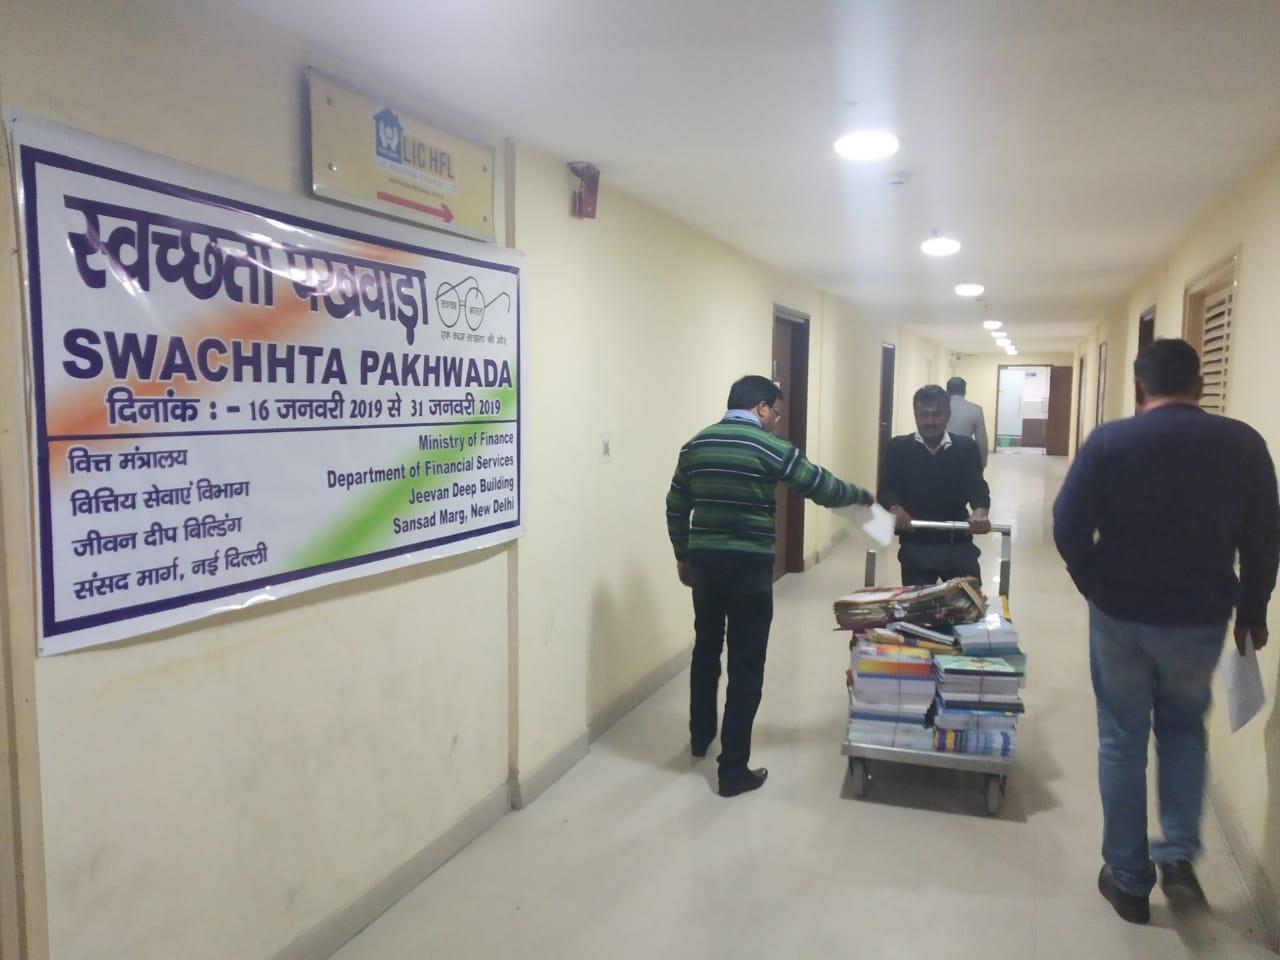 Swachata Pakhwada 2019 (12)